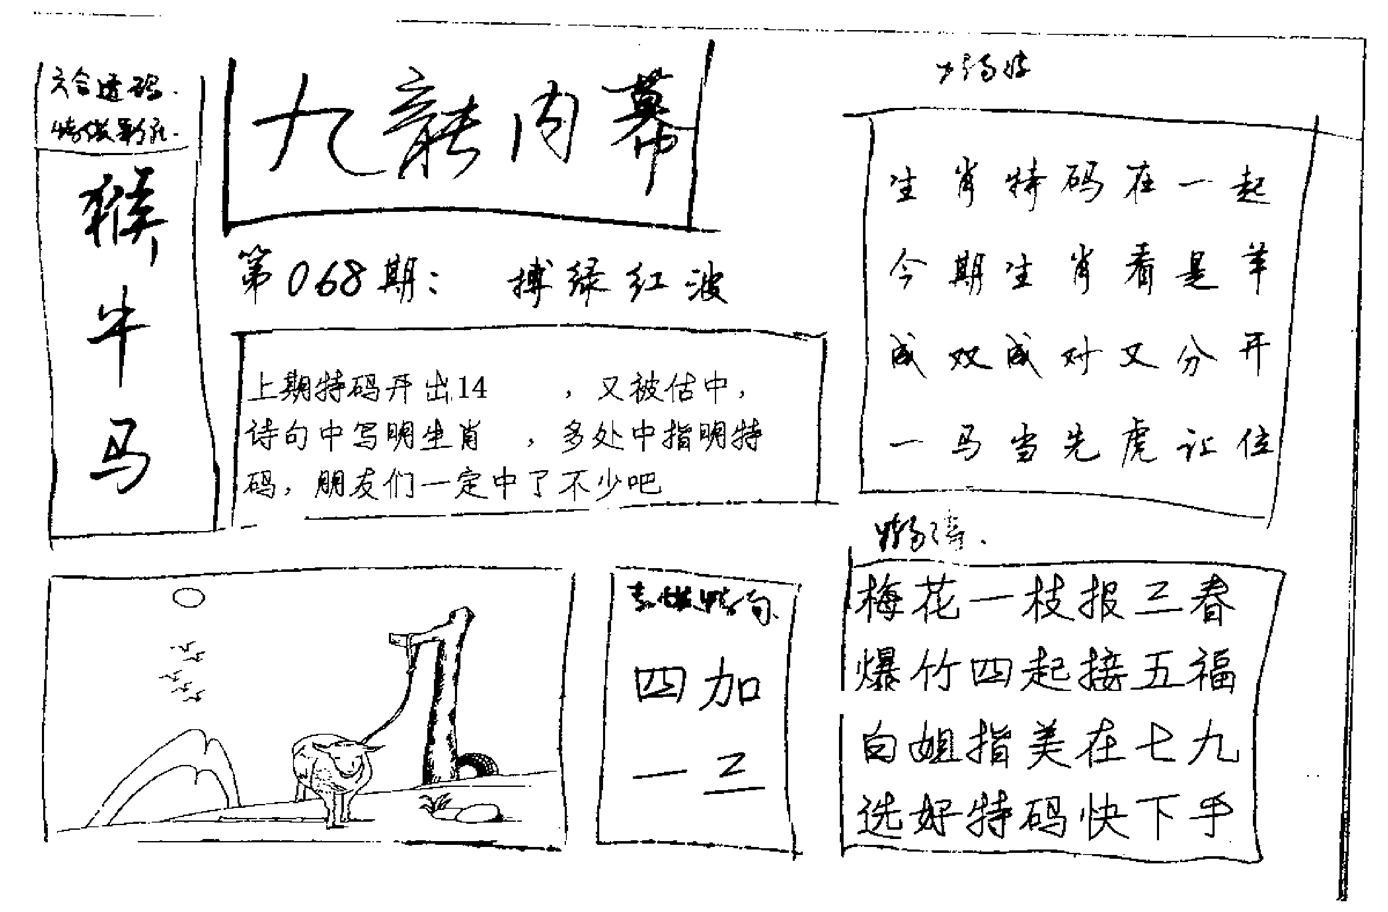 068期九龙内幕手写(黑白)